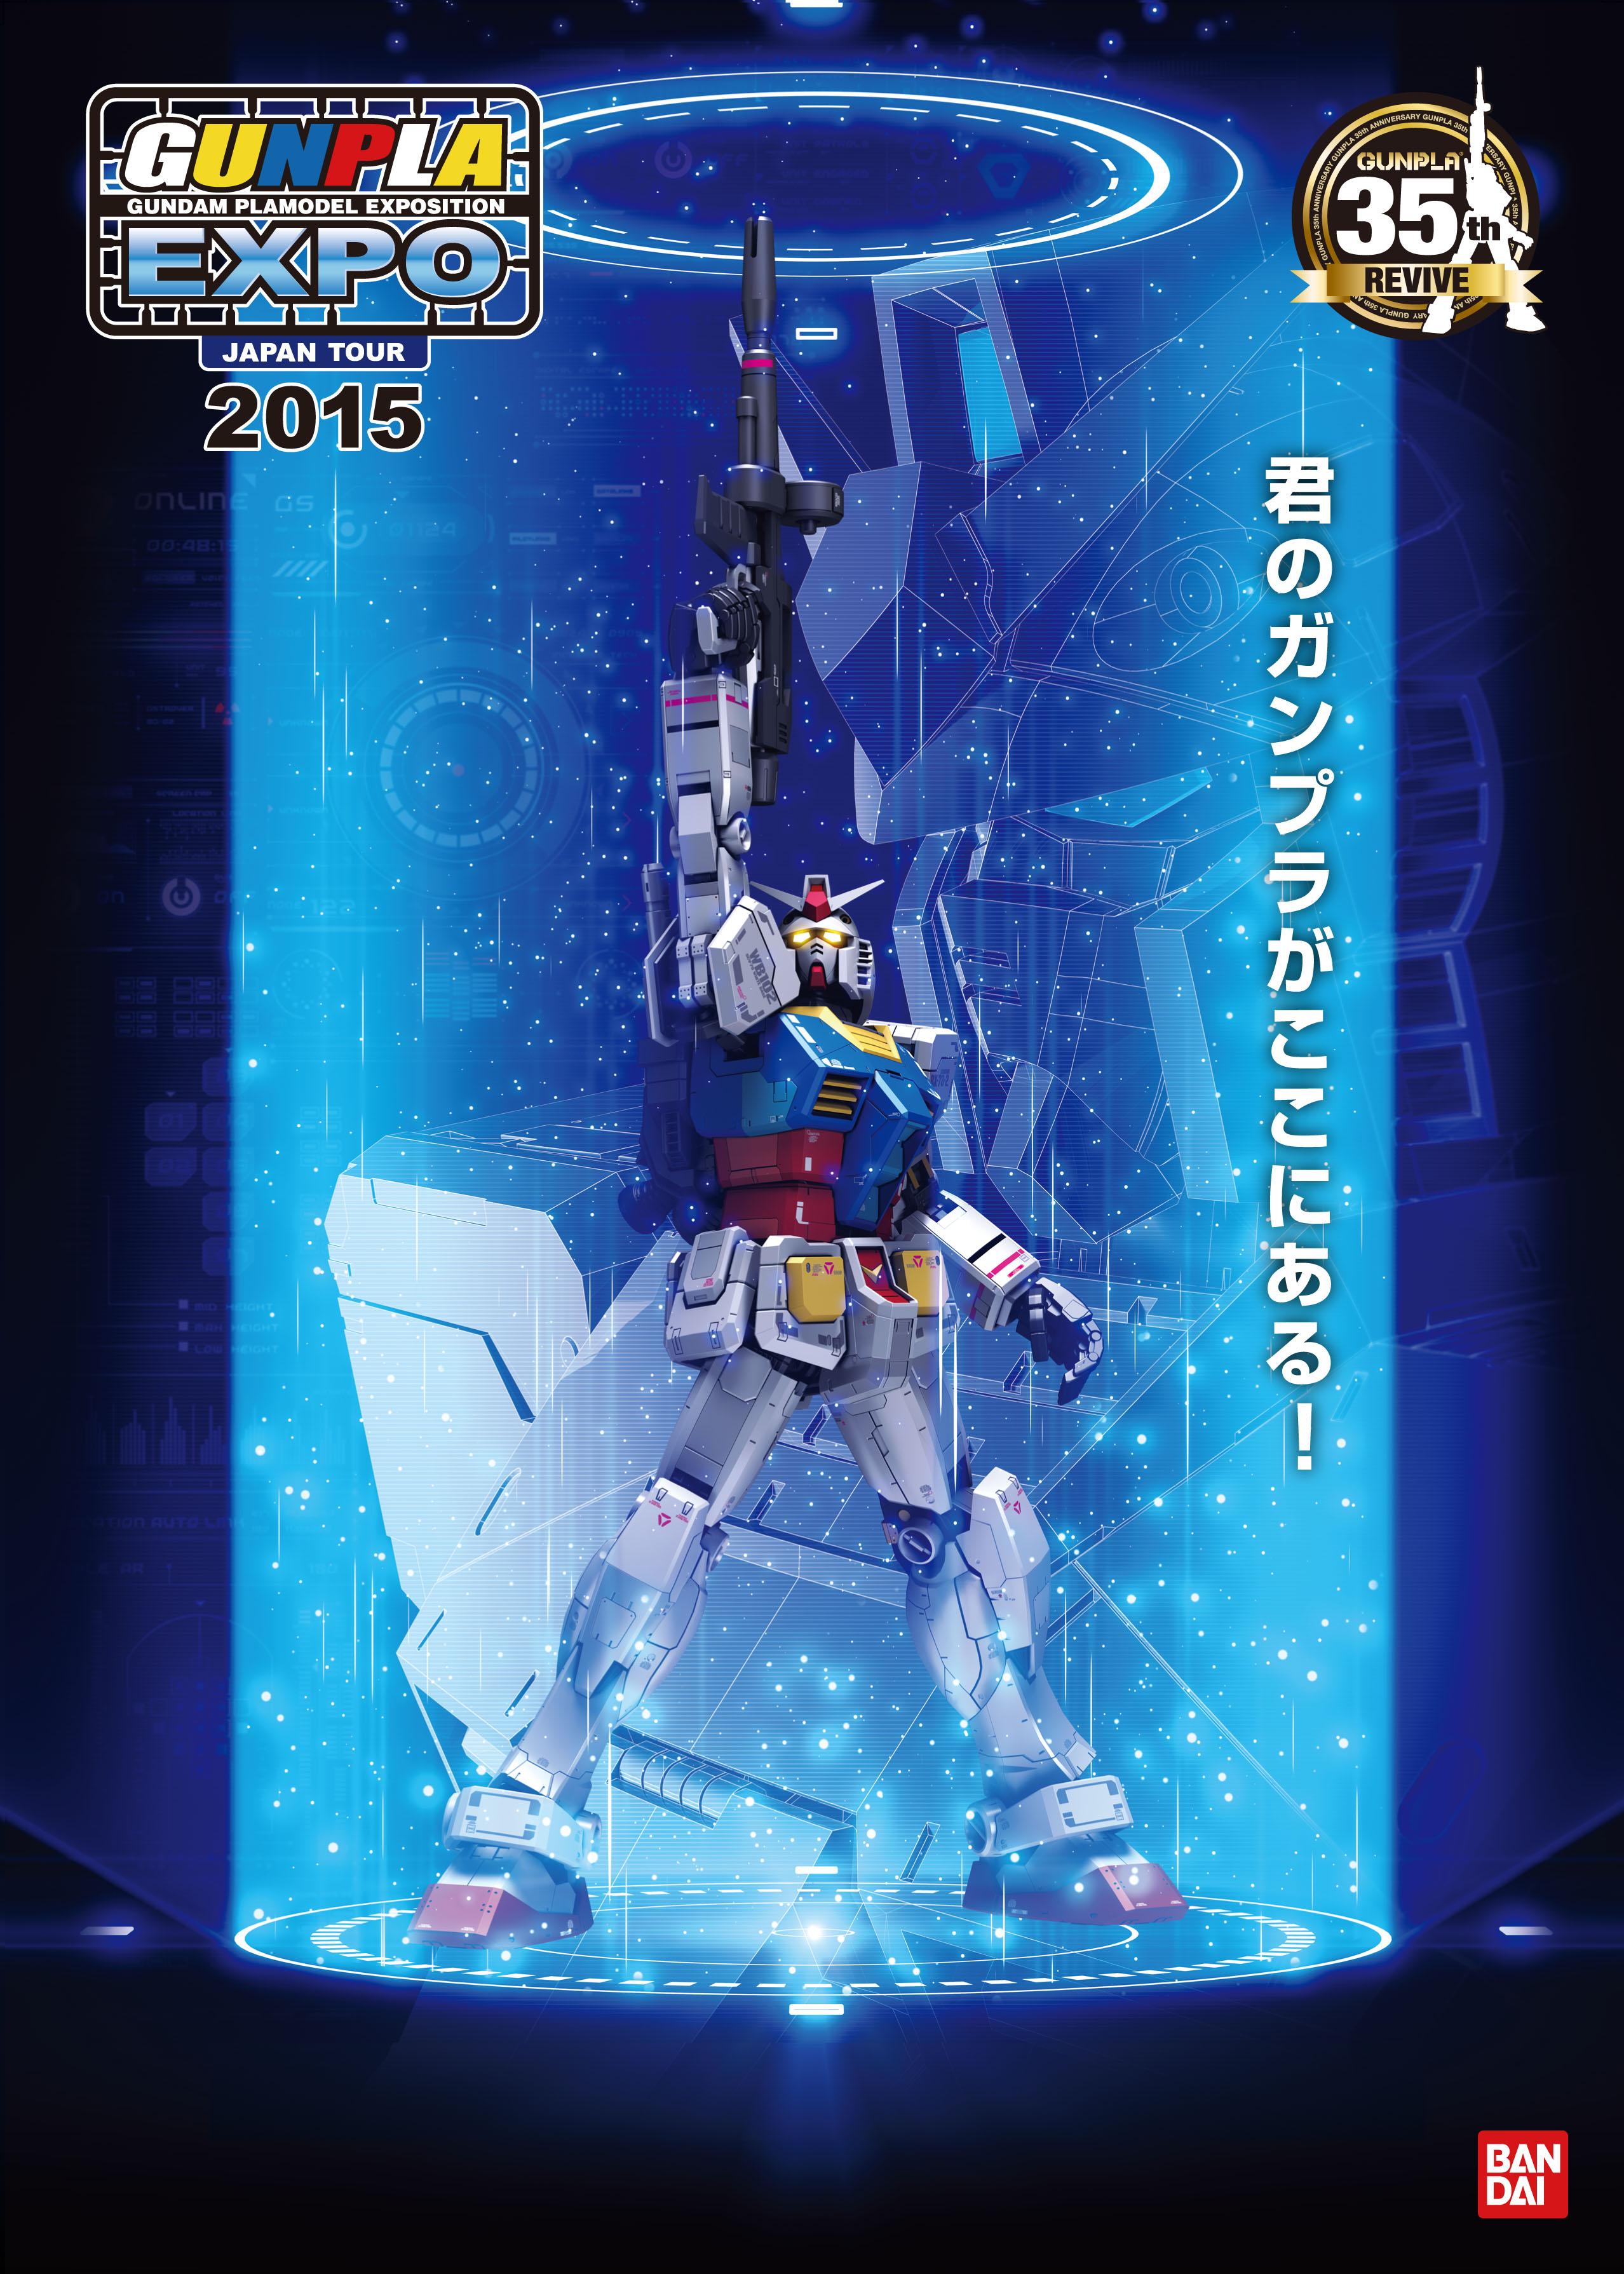 ガンプラ35周年イベント28日より札幌で開催!アニメ最新作のガンプラや新生するHGシリーズも展示